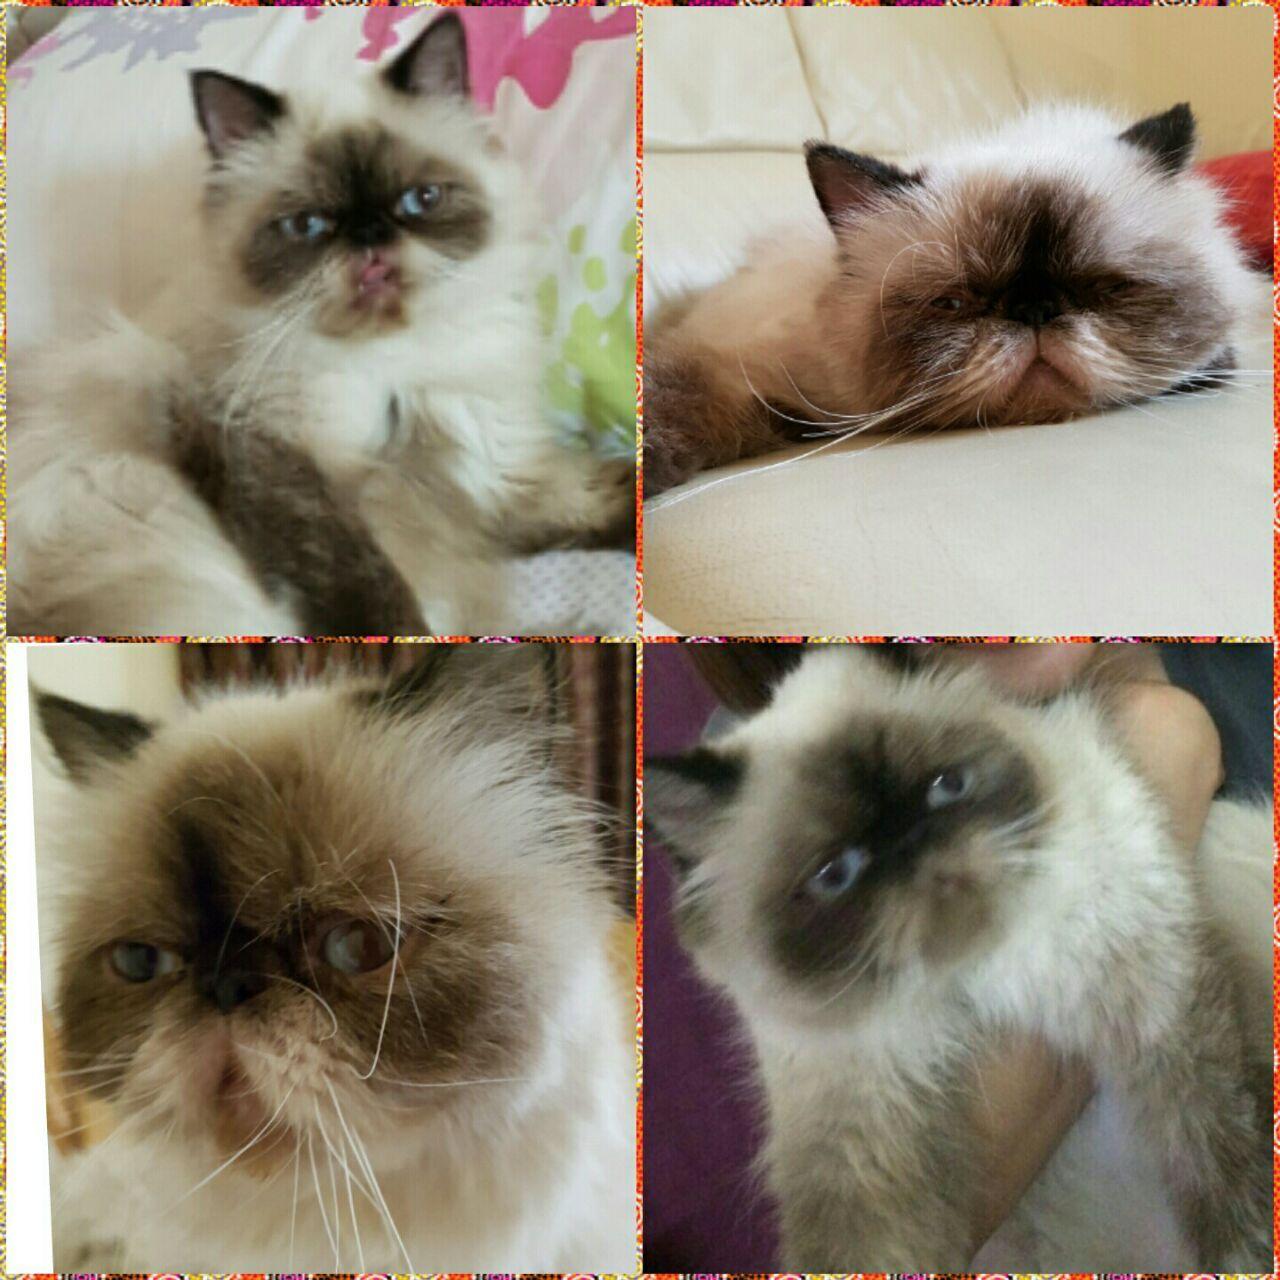 معلومات عن الإعلان قطة هيملايا شوكليت بيكي فيس العمر ما يقارب ثلاث سنوات السعر 1500 درهم للتواصل 0552502402 الدولة Dubai رقم المو Cats Animals